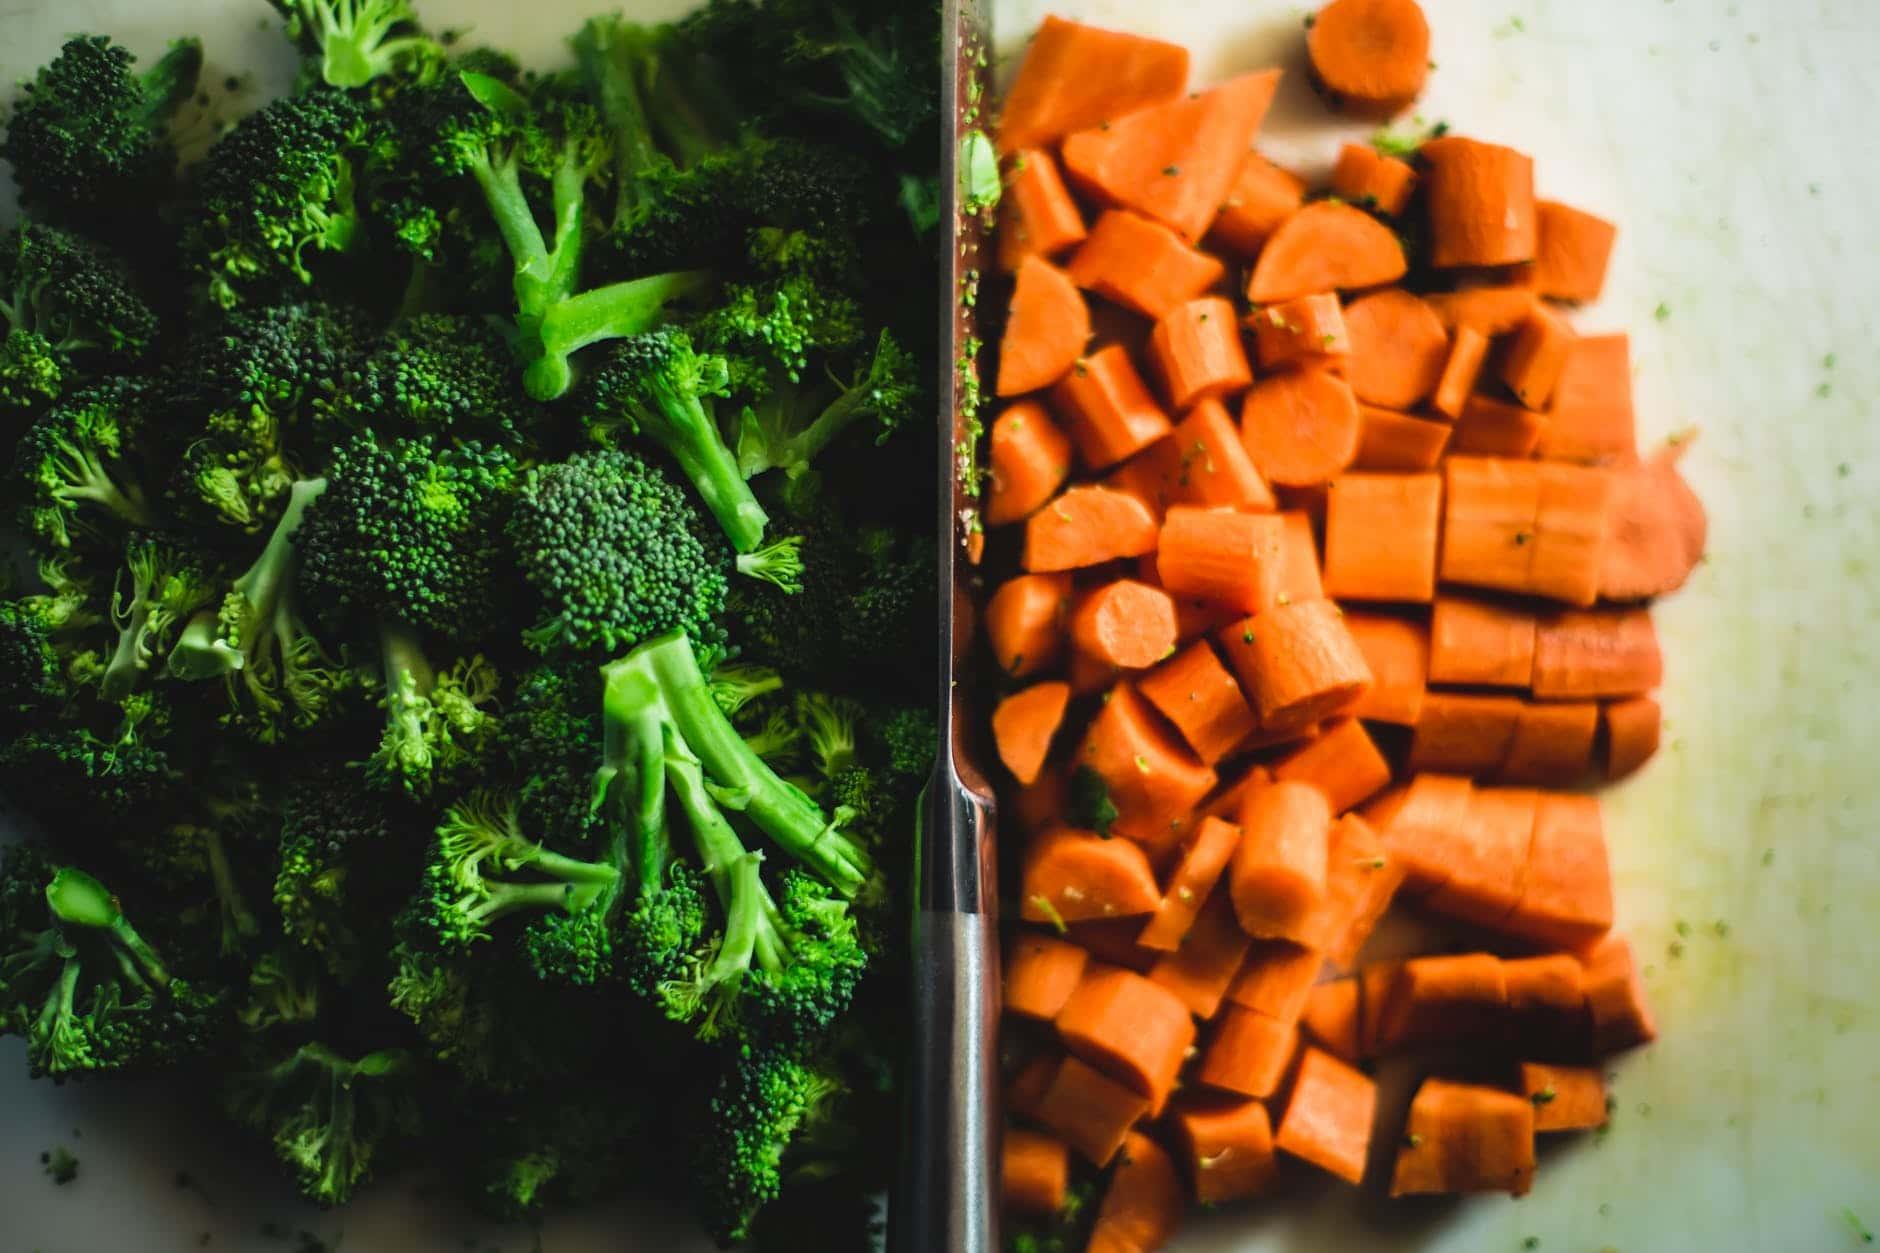 Bastones de zanahoria ideales para antes de hacer ejercicio